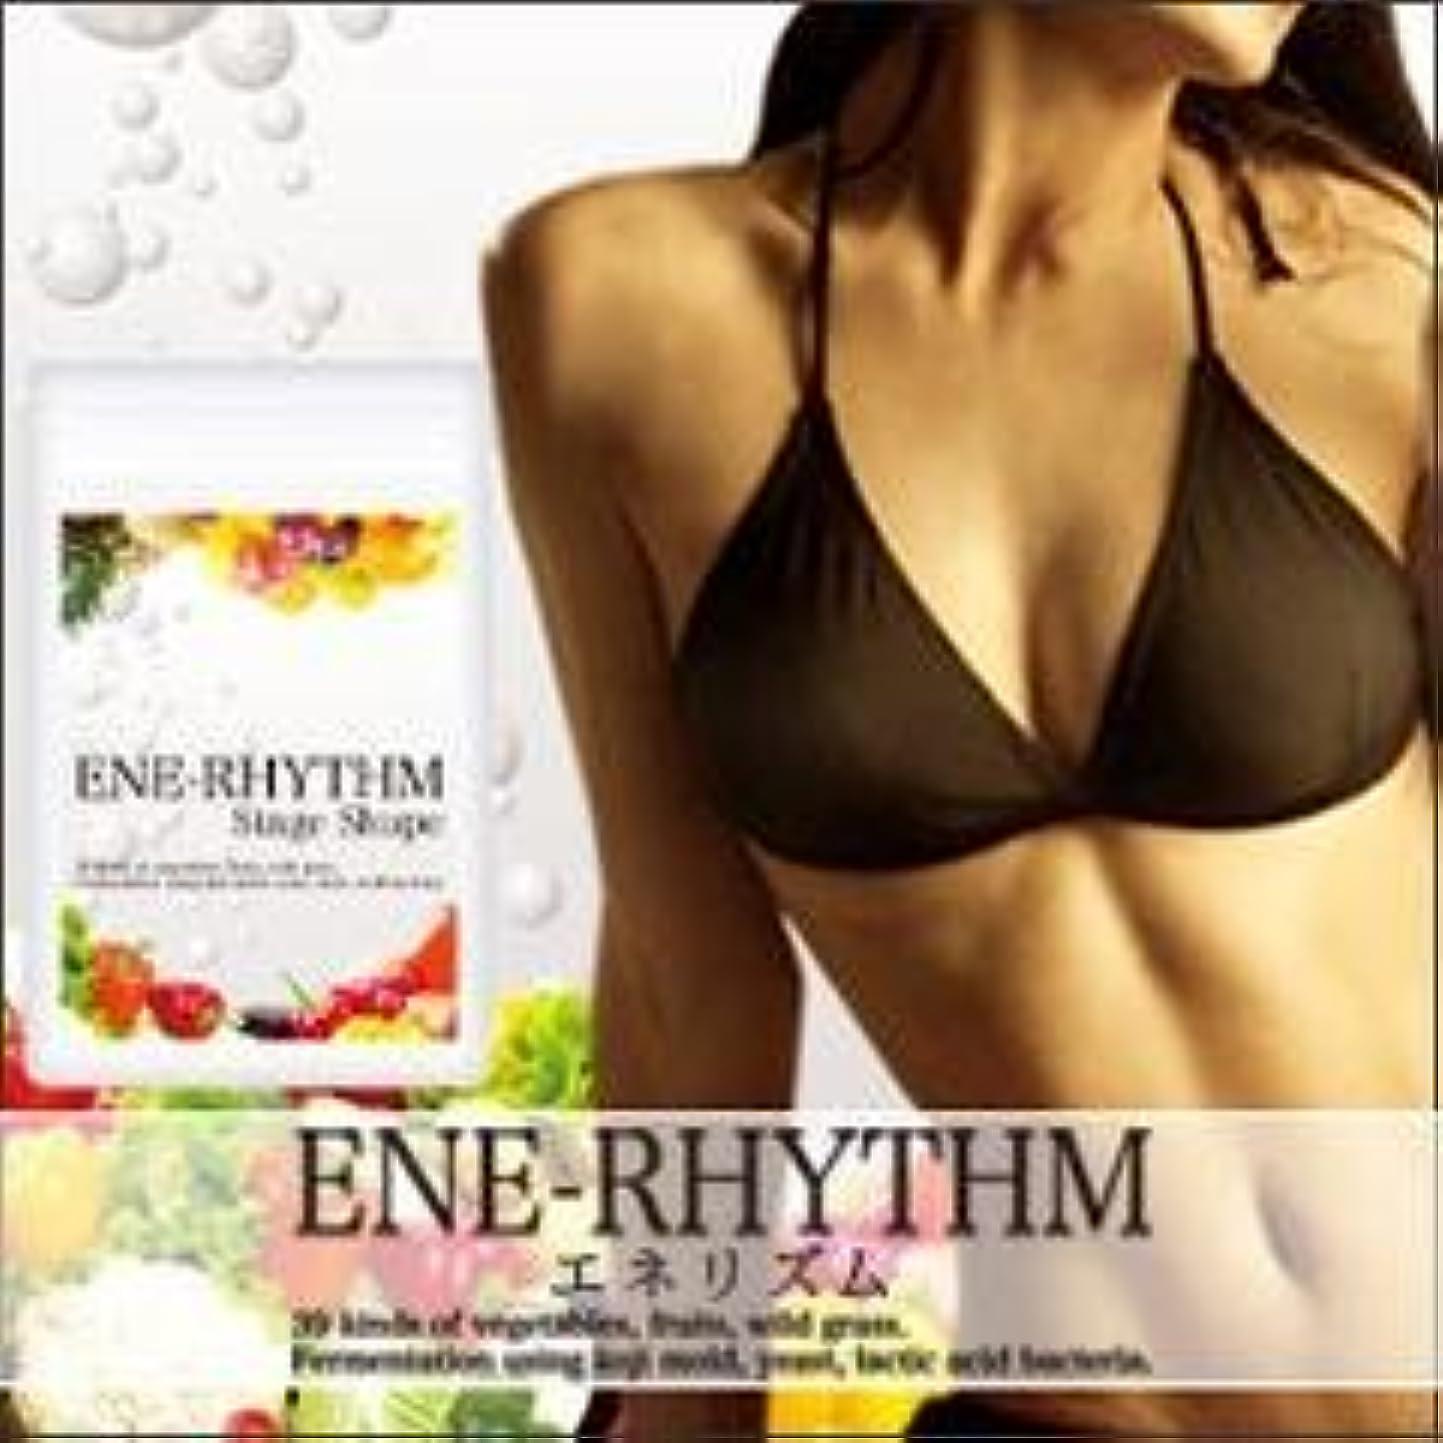 ハリケーン徴収エレガントエネリズム -ENE RHYTHM-(3個)